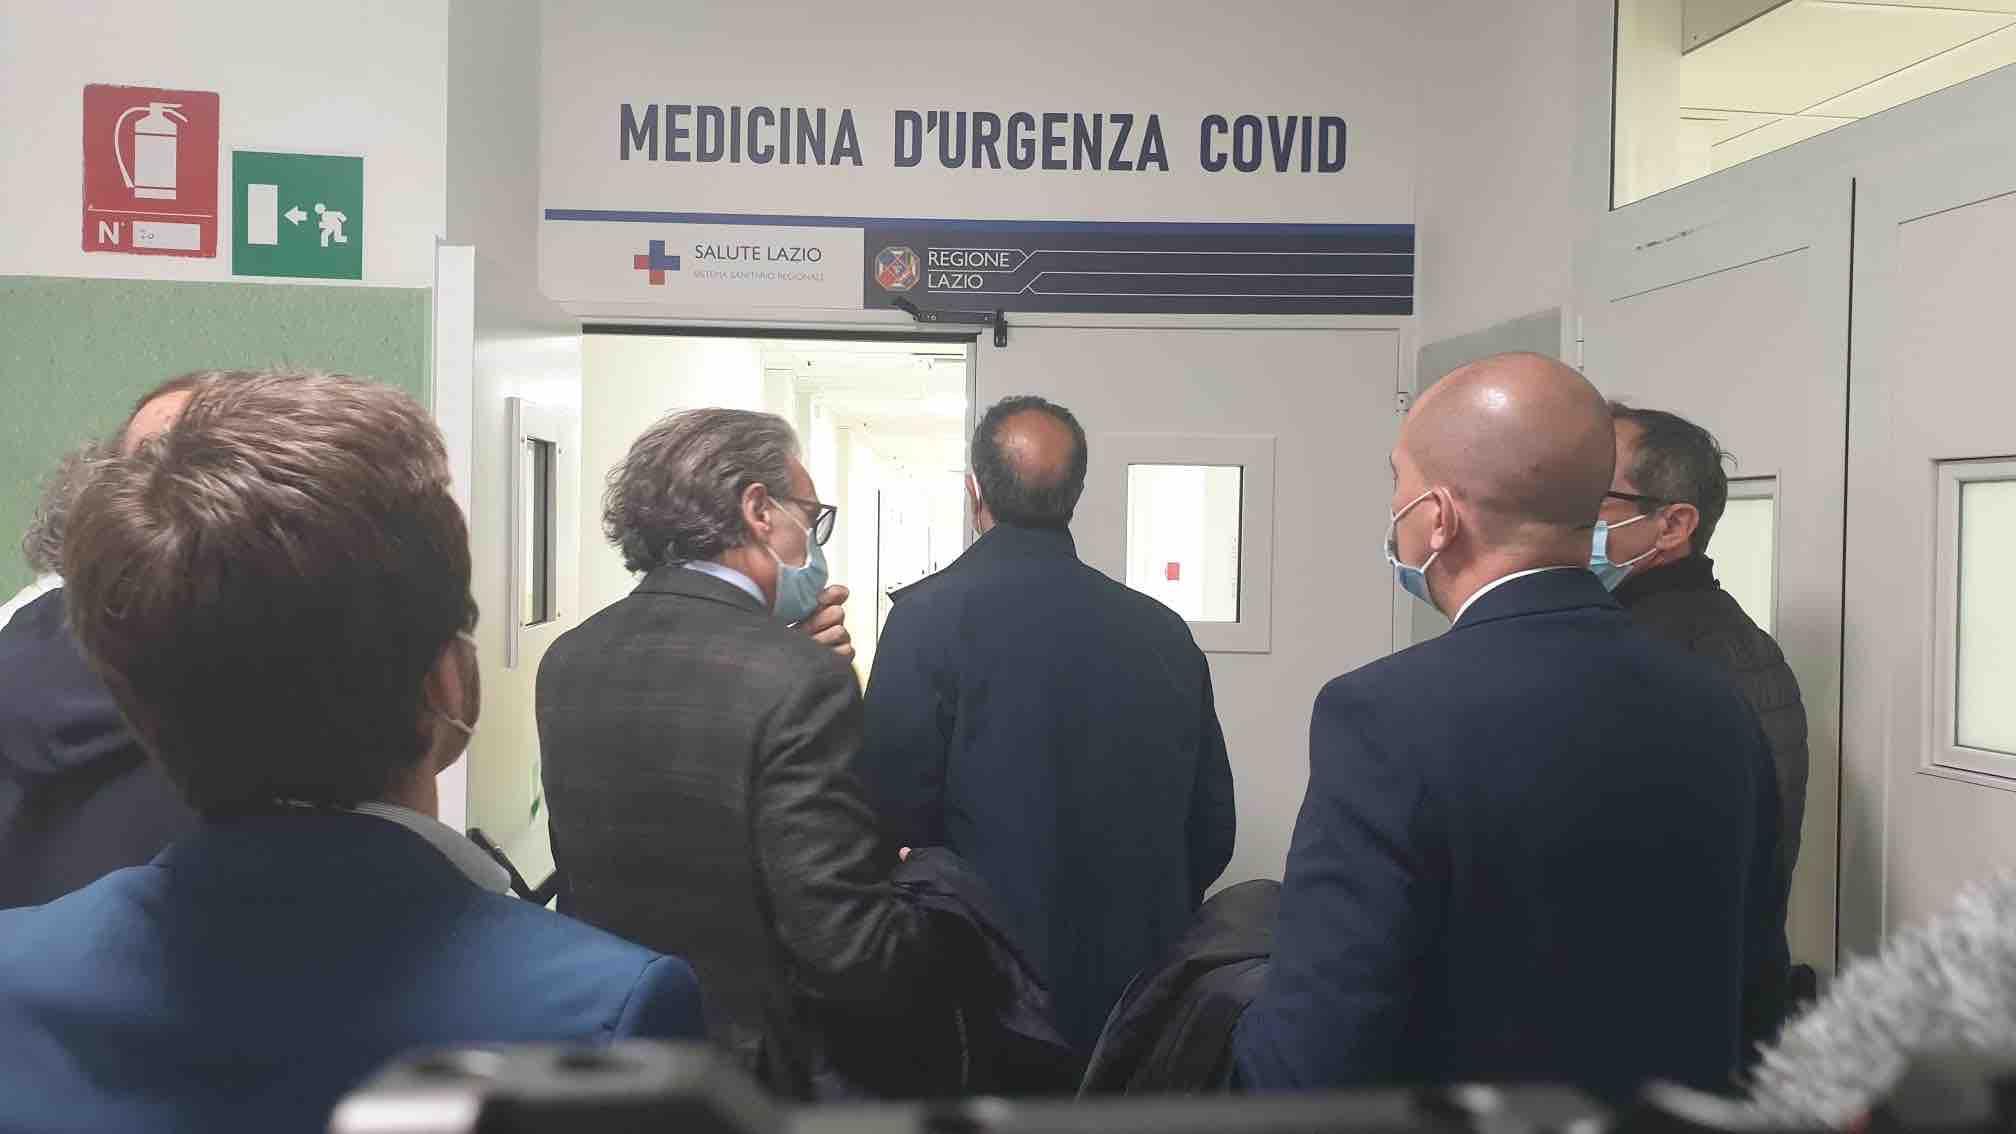 inaugurazione ospedale anzio reparto covid medicina urgenza